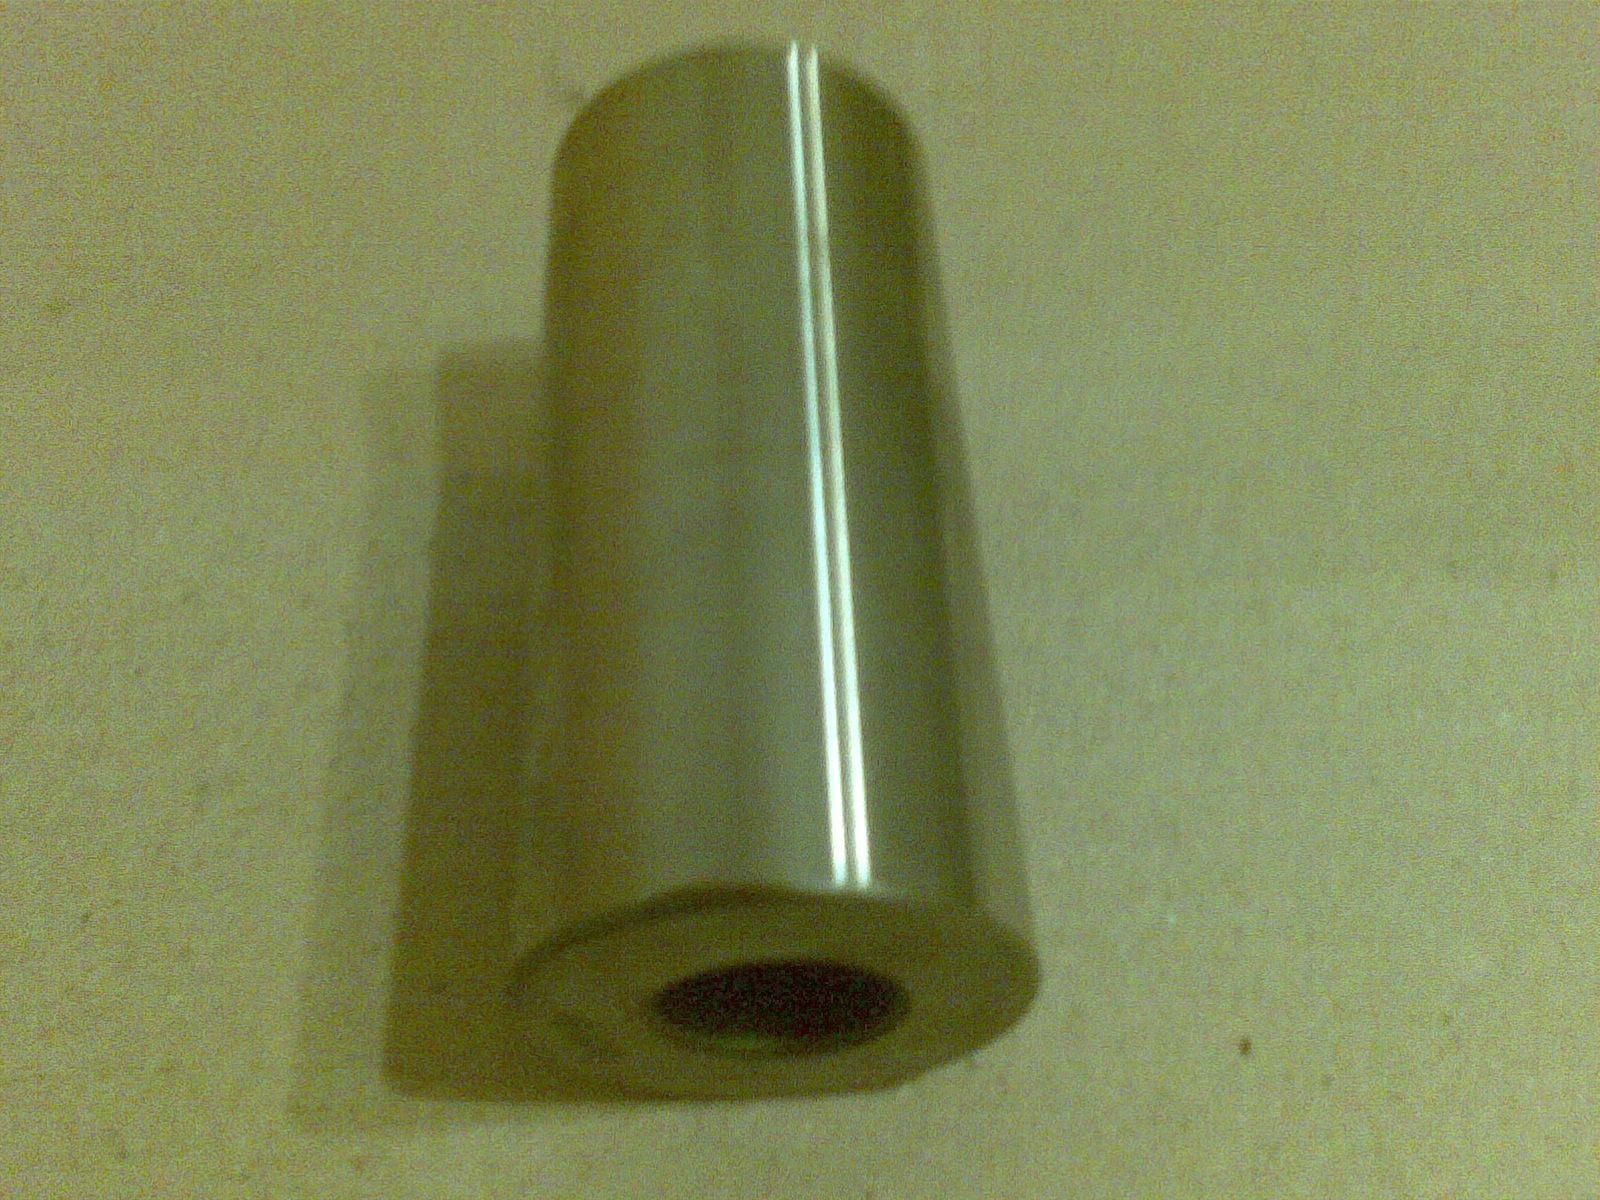 Палец поршня двигателя Kolbenschmidt (Колбеншмидт)